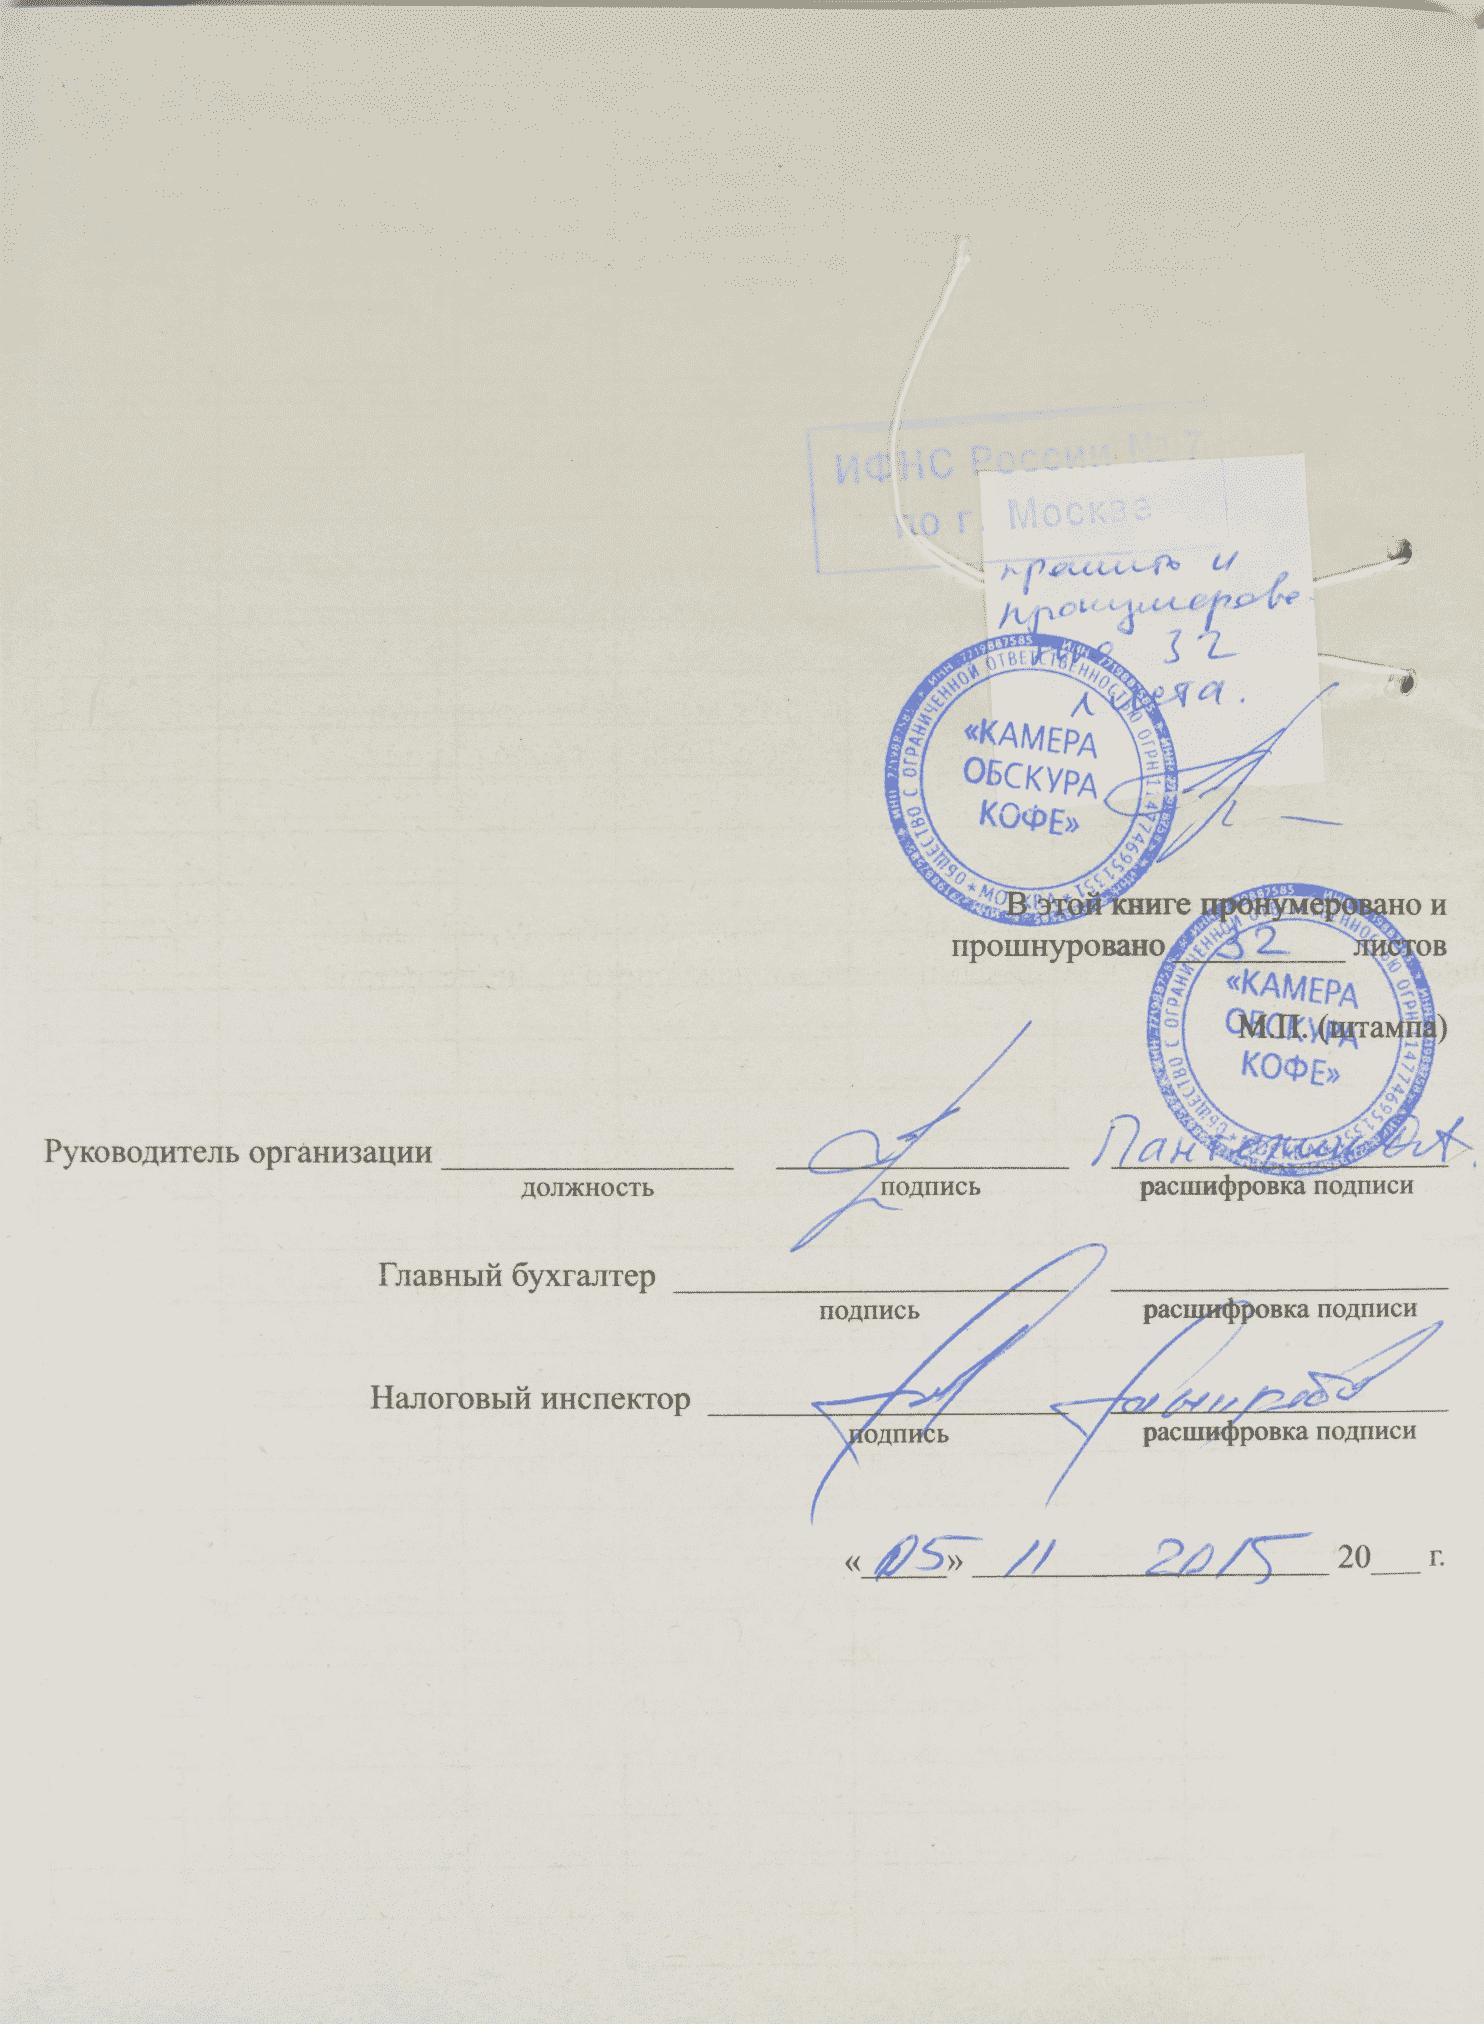 бланк заявления на постановку на учет кассы